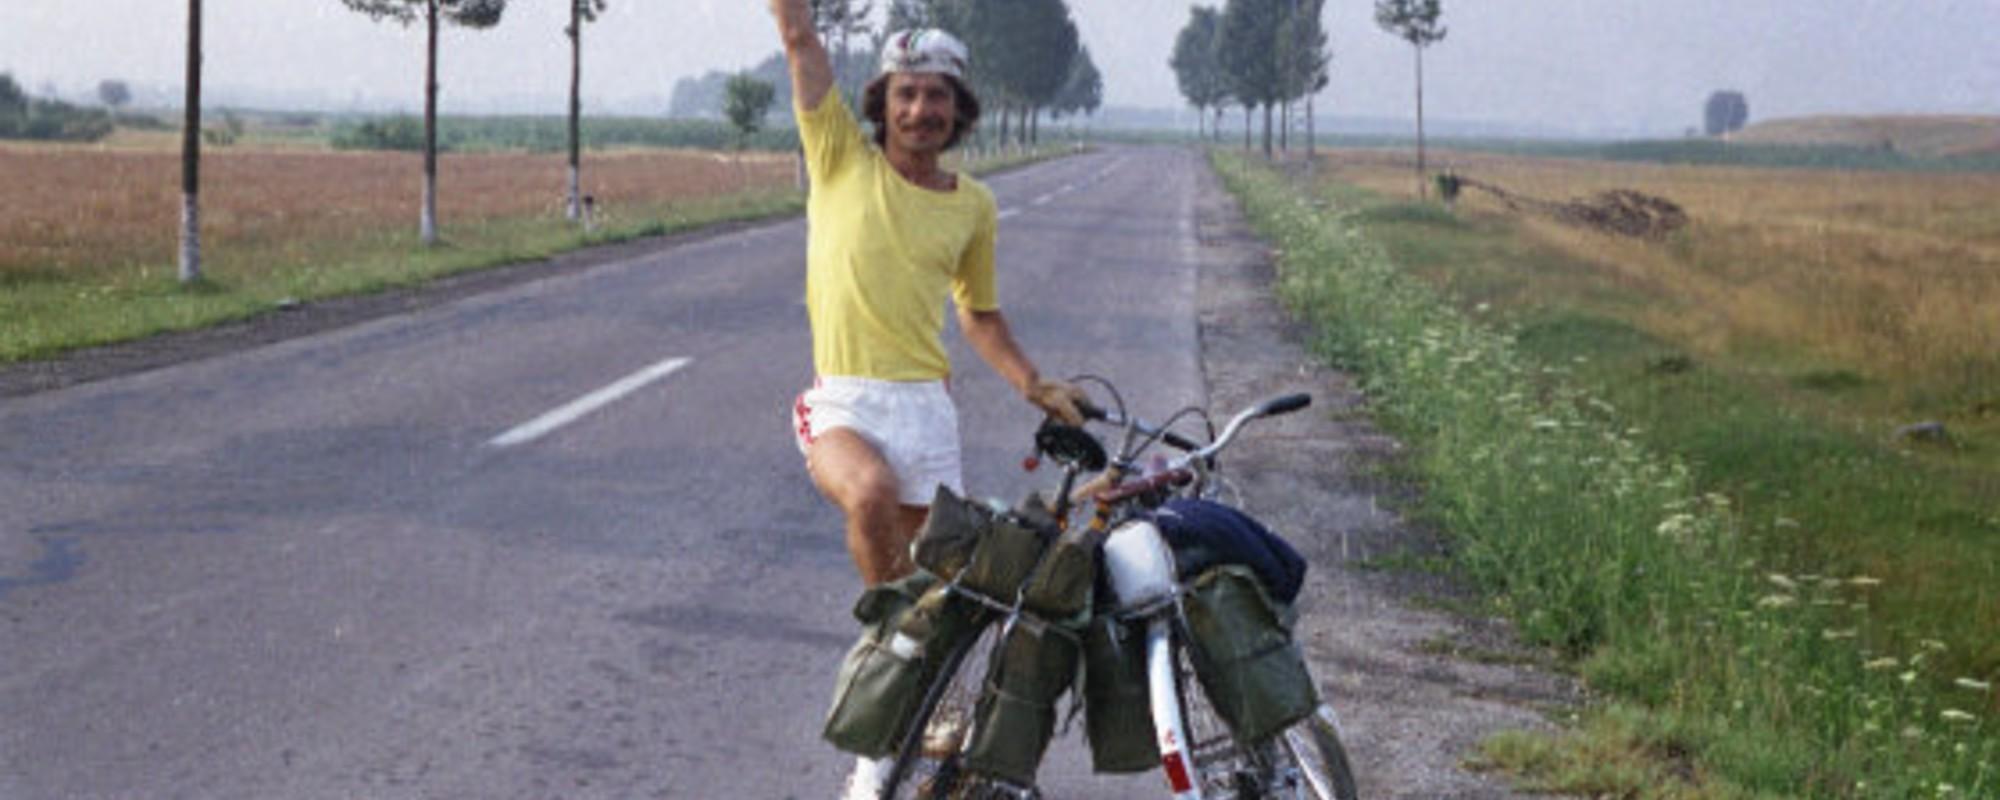 Fotografii cu drumeții montane din România comunistă